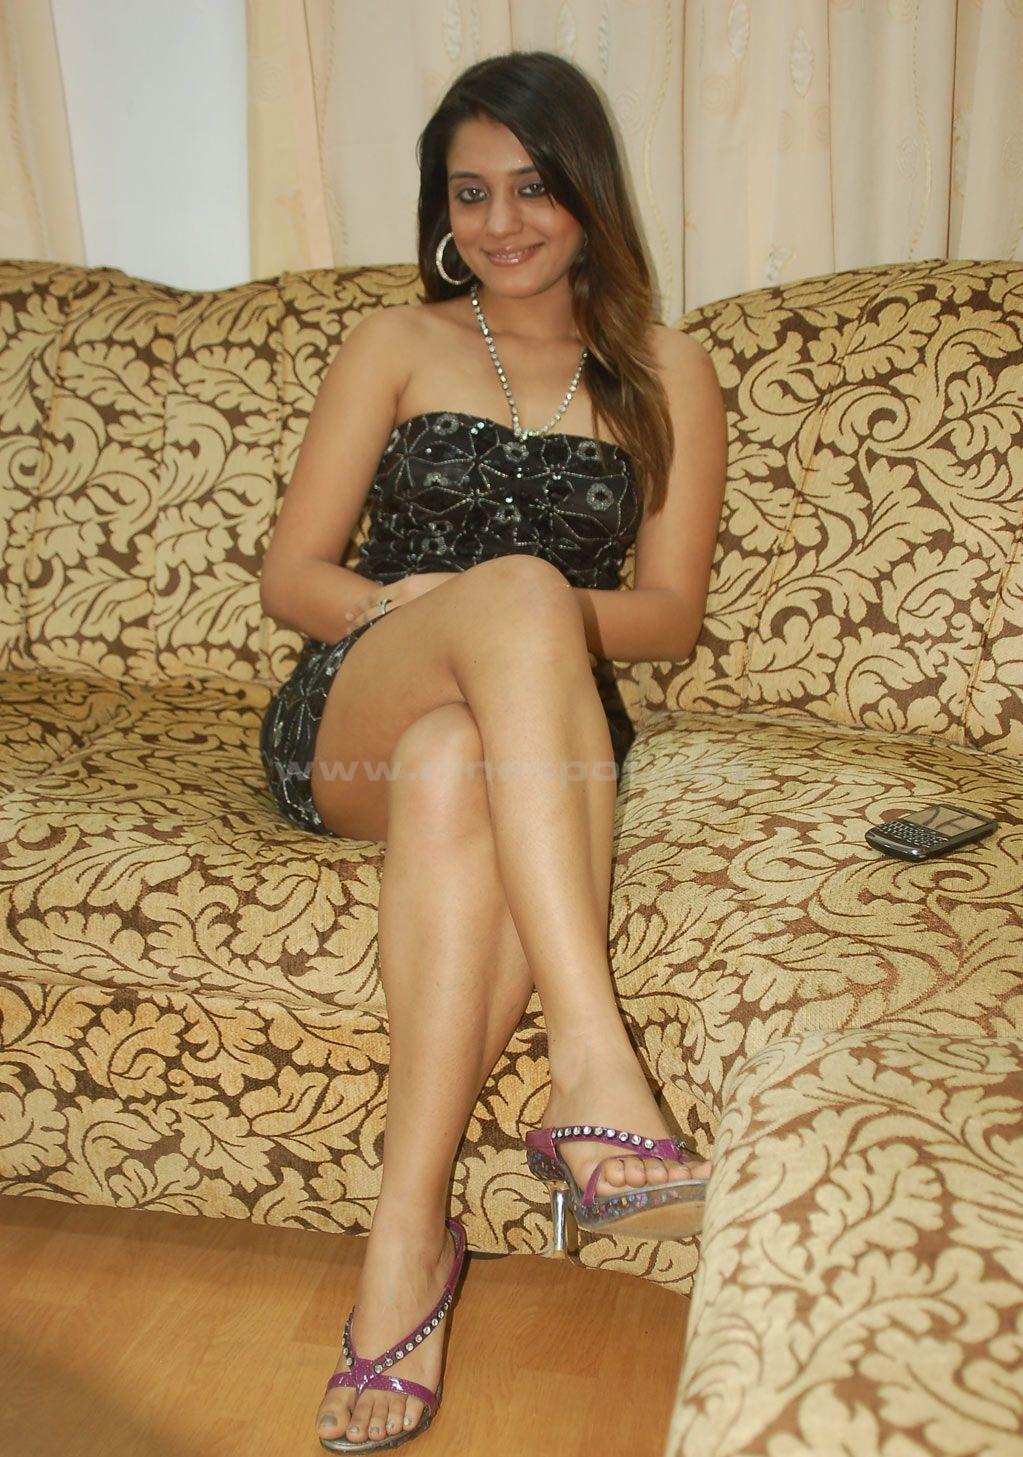 Hot girls feet